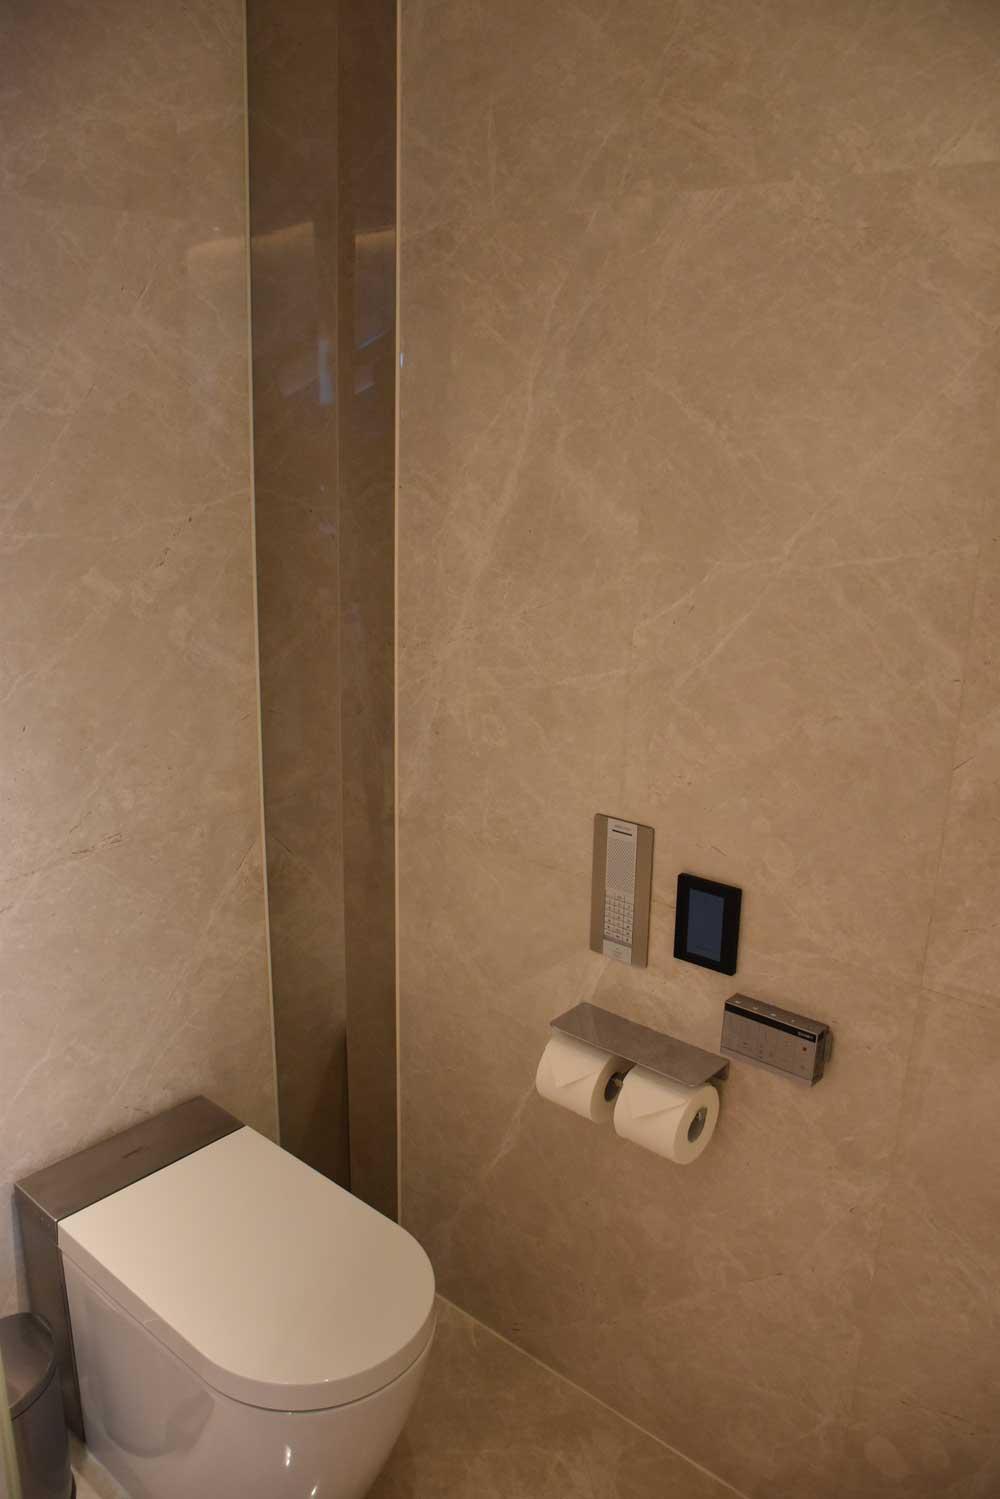 Morpheus Hotel Premier King toilet